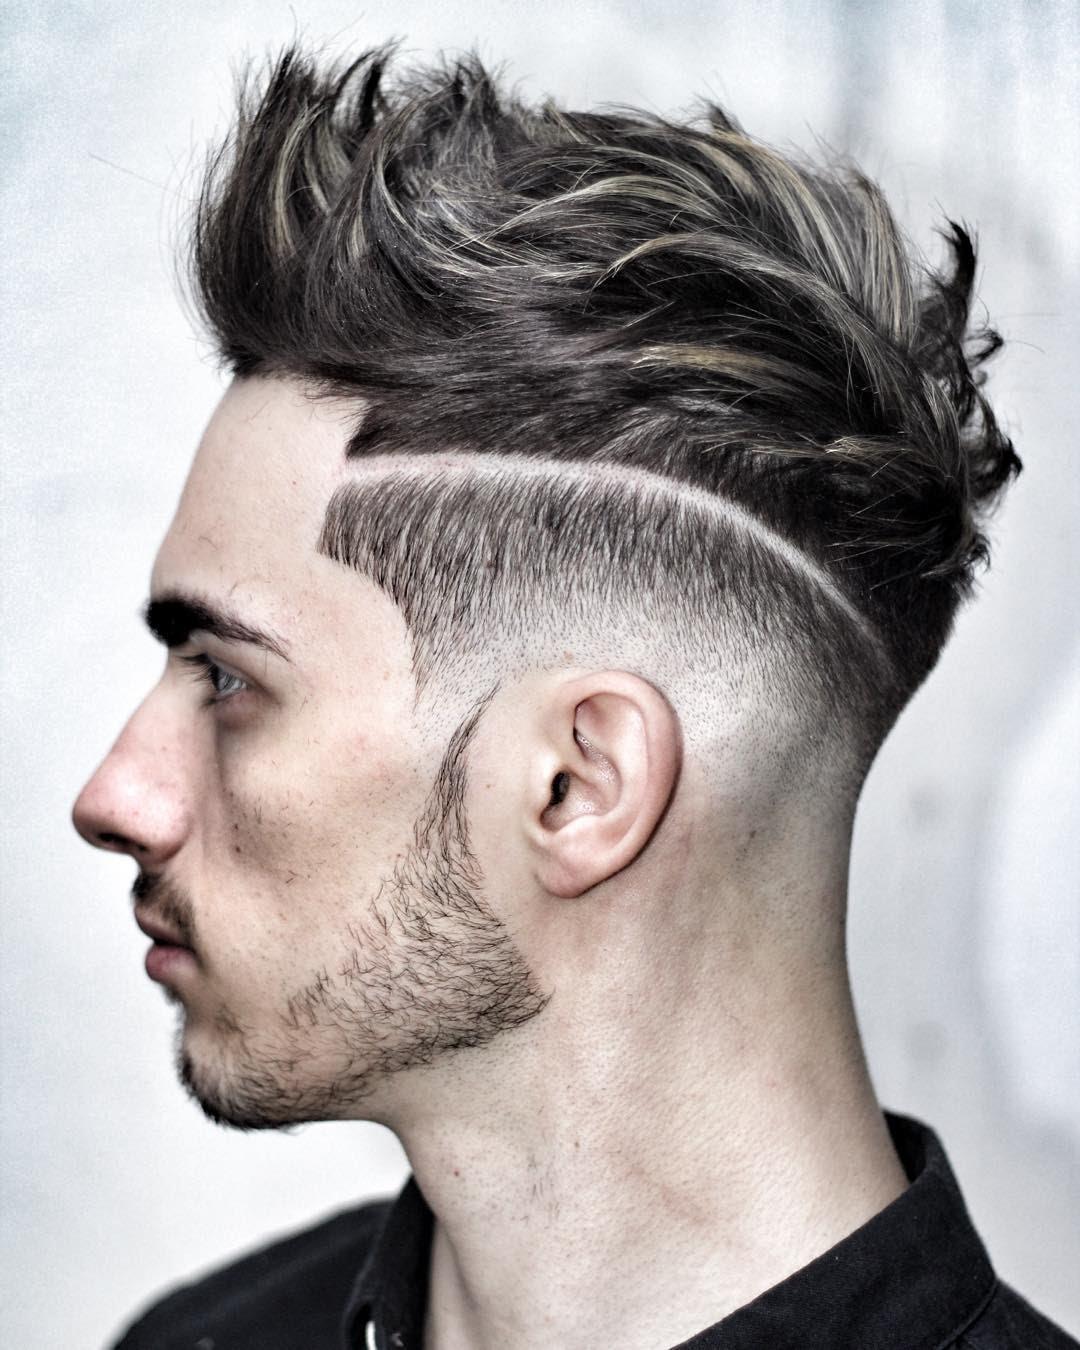 صورة اجمل قصات الشعر للرجال , قصات شعر رجالية